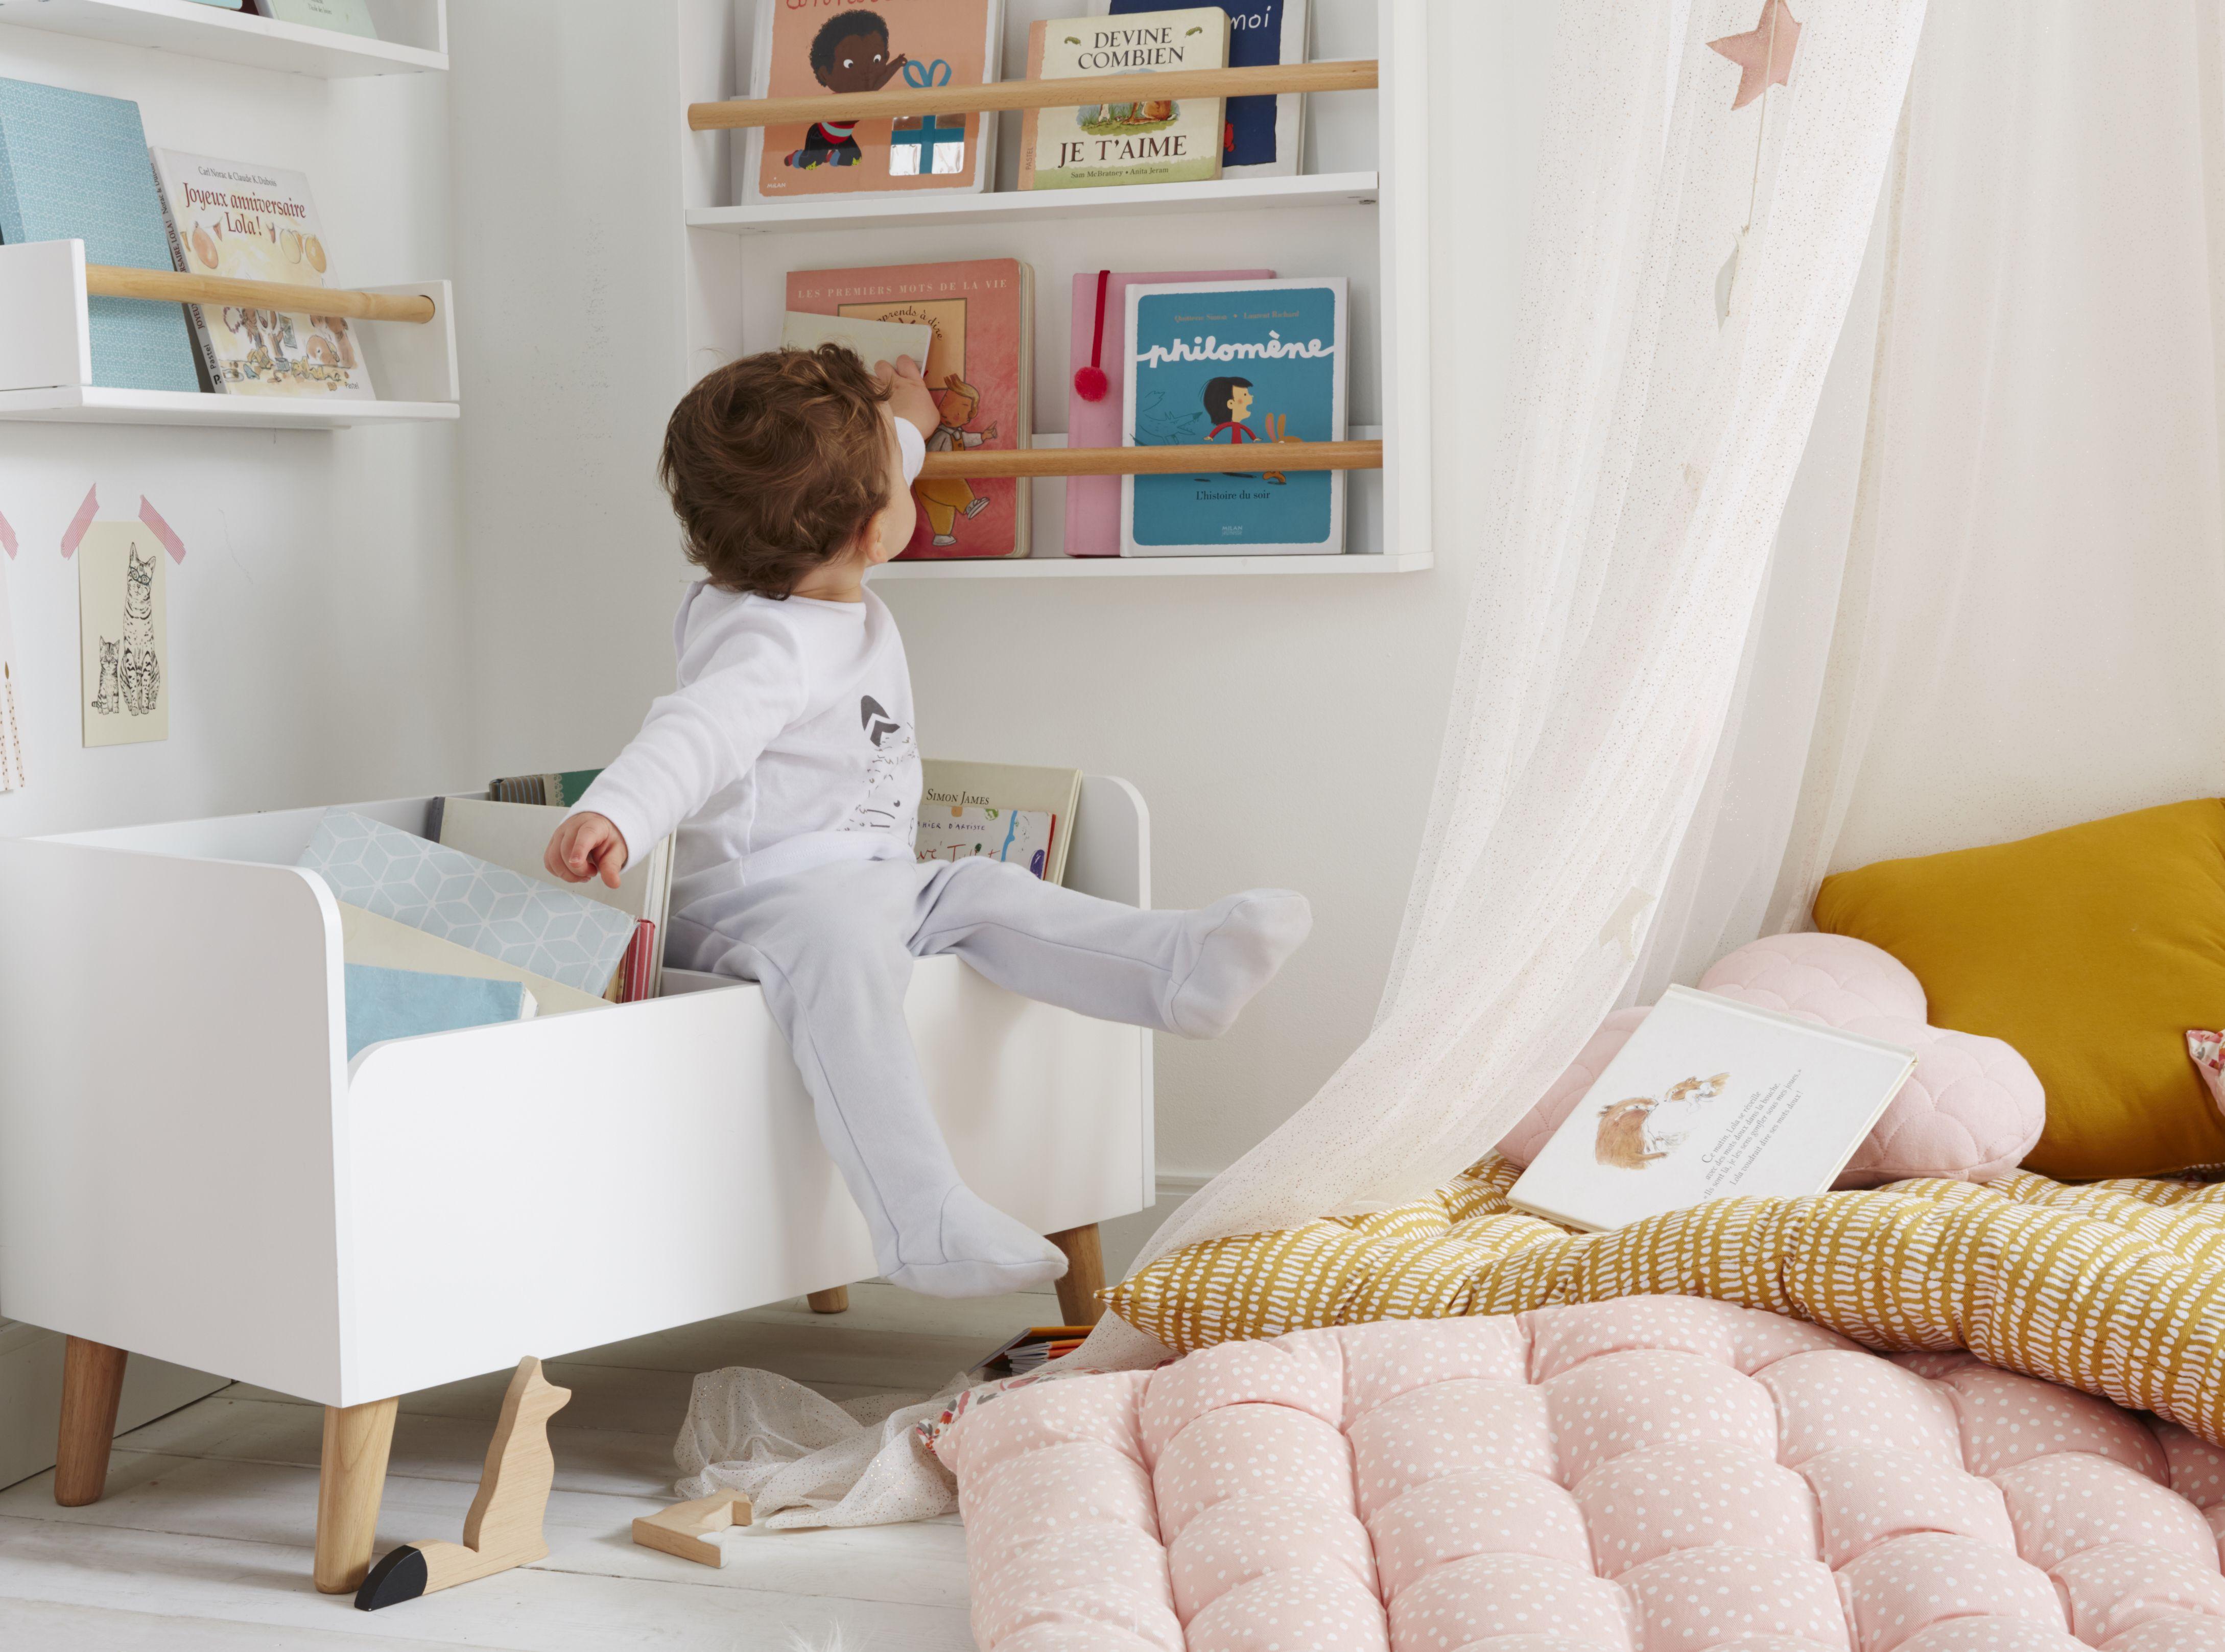 841a3597387 VERTBAUDET – Aménager un coin lecture ou jeux dans la chambre de son enfant  : matelas de sol, coussin, étagères, bac de rangement, coffre à livres, ...